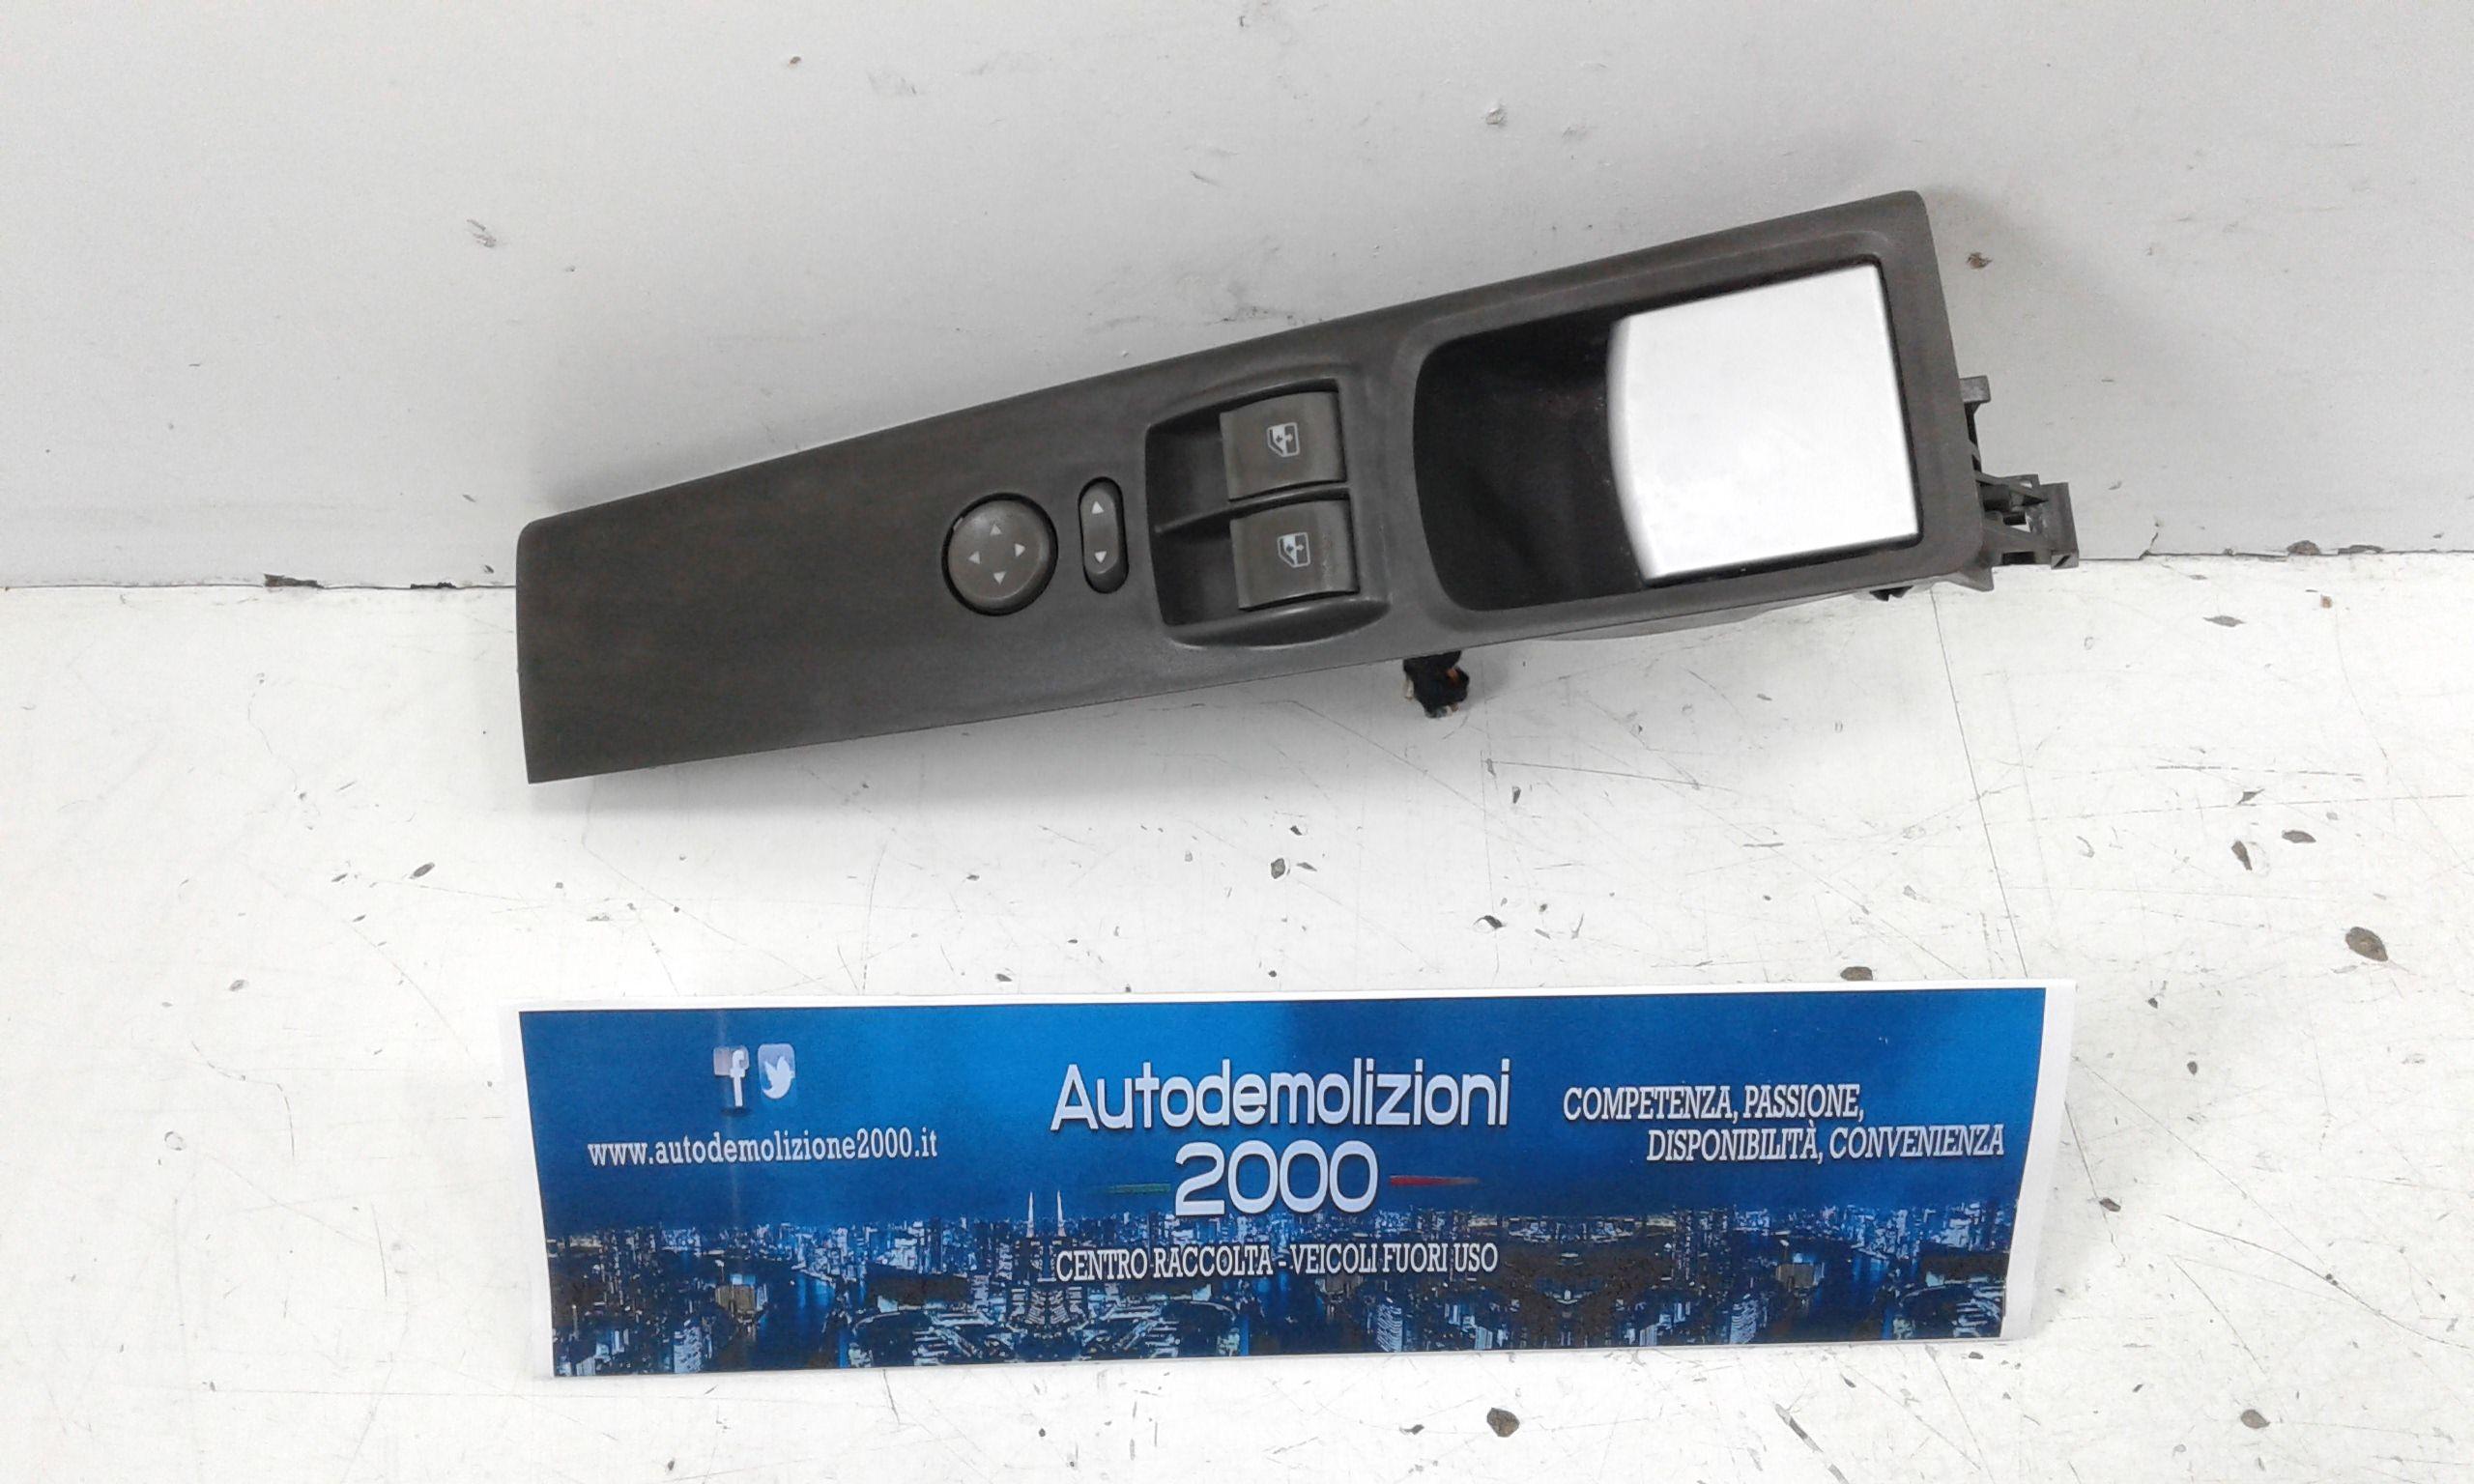 PULSANTIERA ANTERIORE SINISTRA GUIDA FIAT Idea 2° Serie Benzina  (2005) RICAMBI USATI